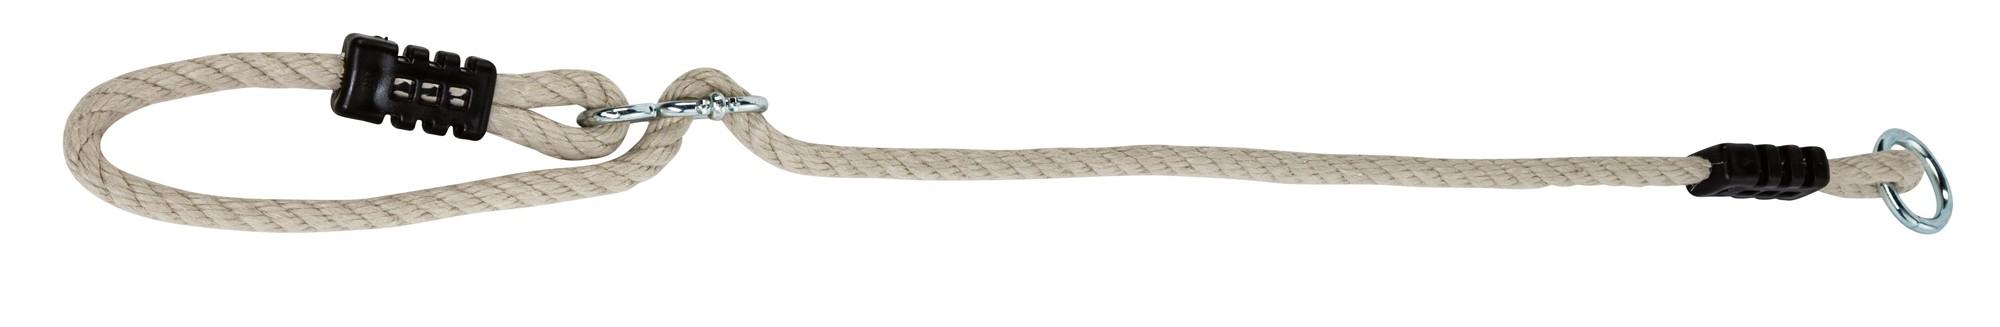 Schaukel Verlängerungsseil 0,6 m - 0,95 m Bild 2